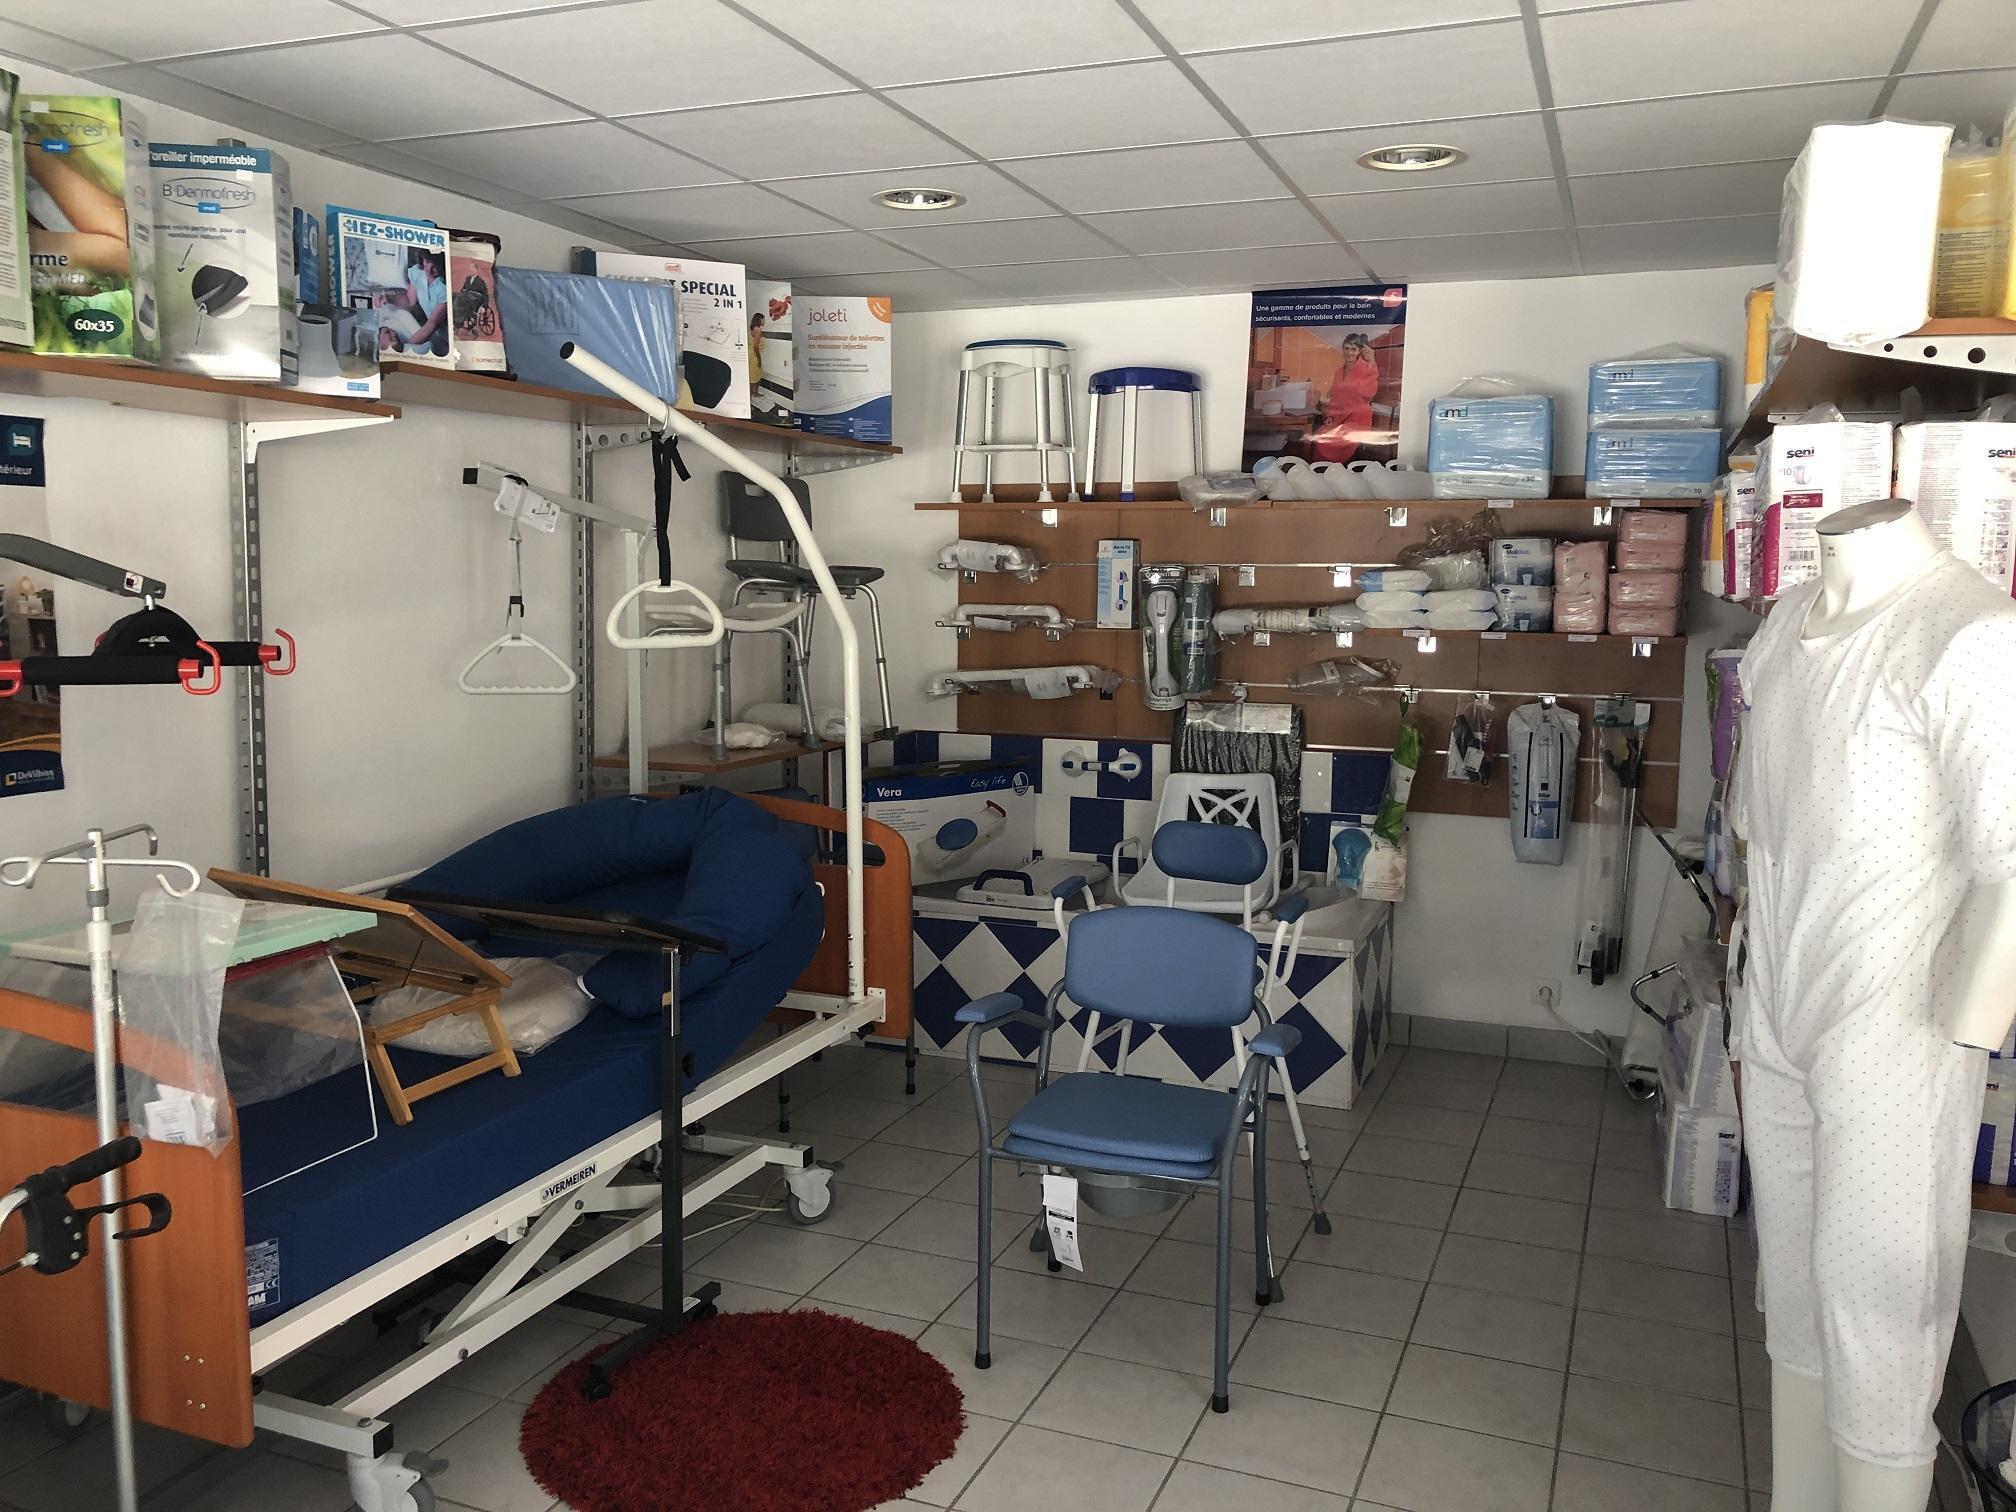 Albertville : Parten'R Santé, l'expert en location de matériel médical